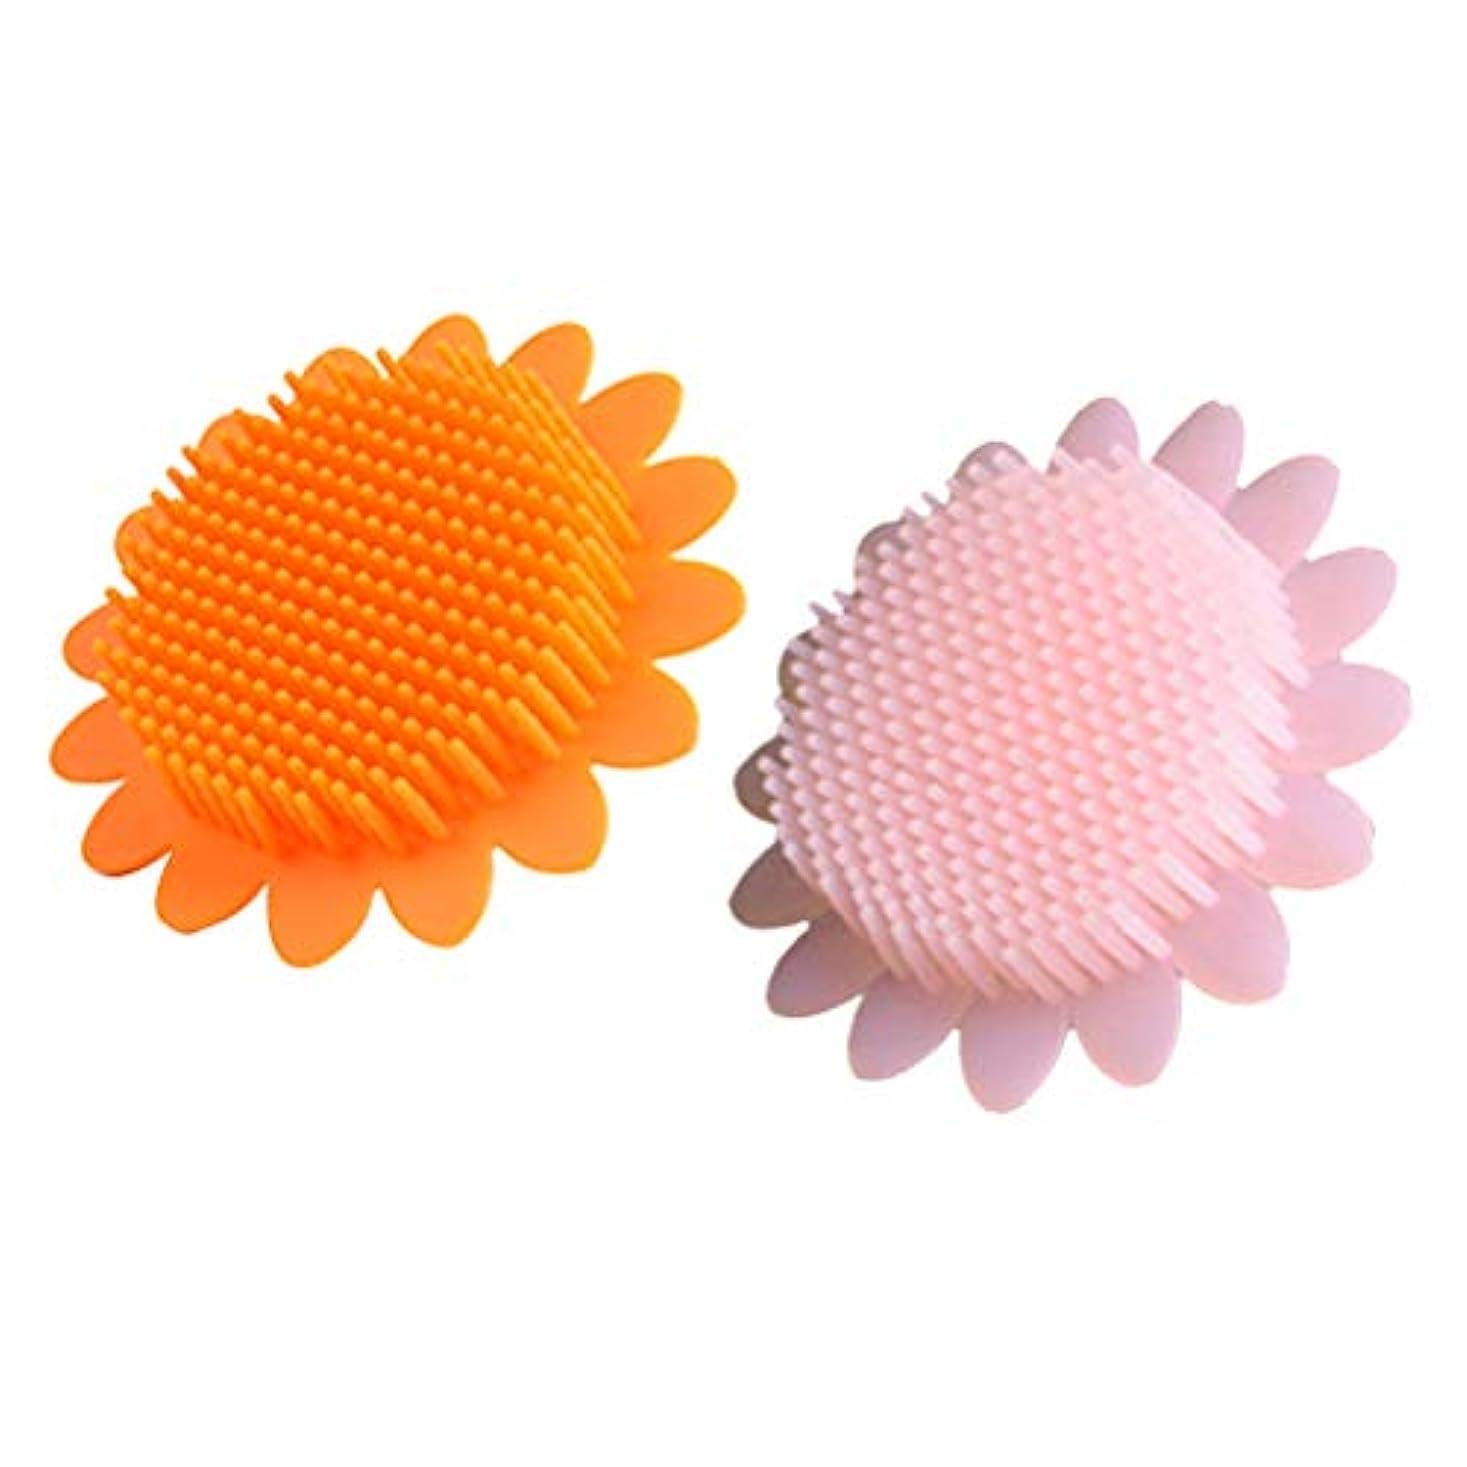 酔うダーベビルのテス病気のBeaupretty 2本の赤ちゃん風呂ブラシシリコーンボディブラシ頭皮マッサージブラシ赤ちゃんのためのシャンプーブラシ(オレンジ+ピンク)